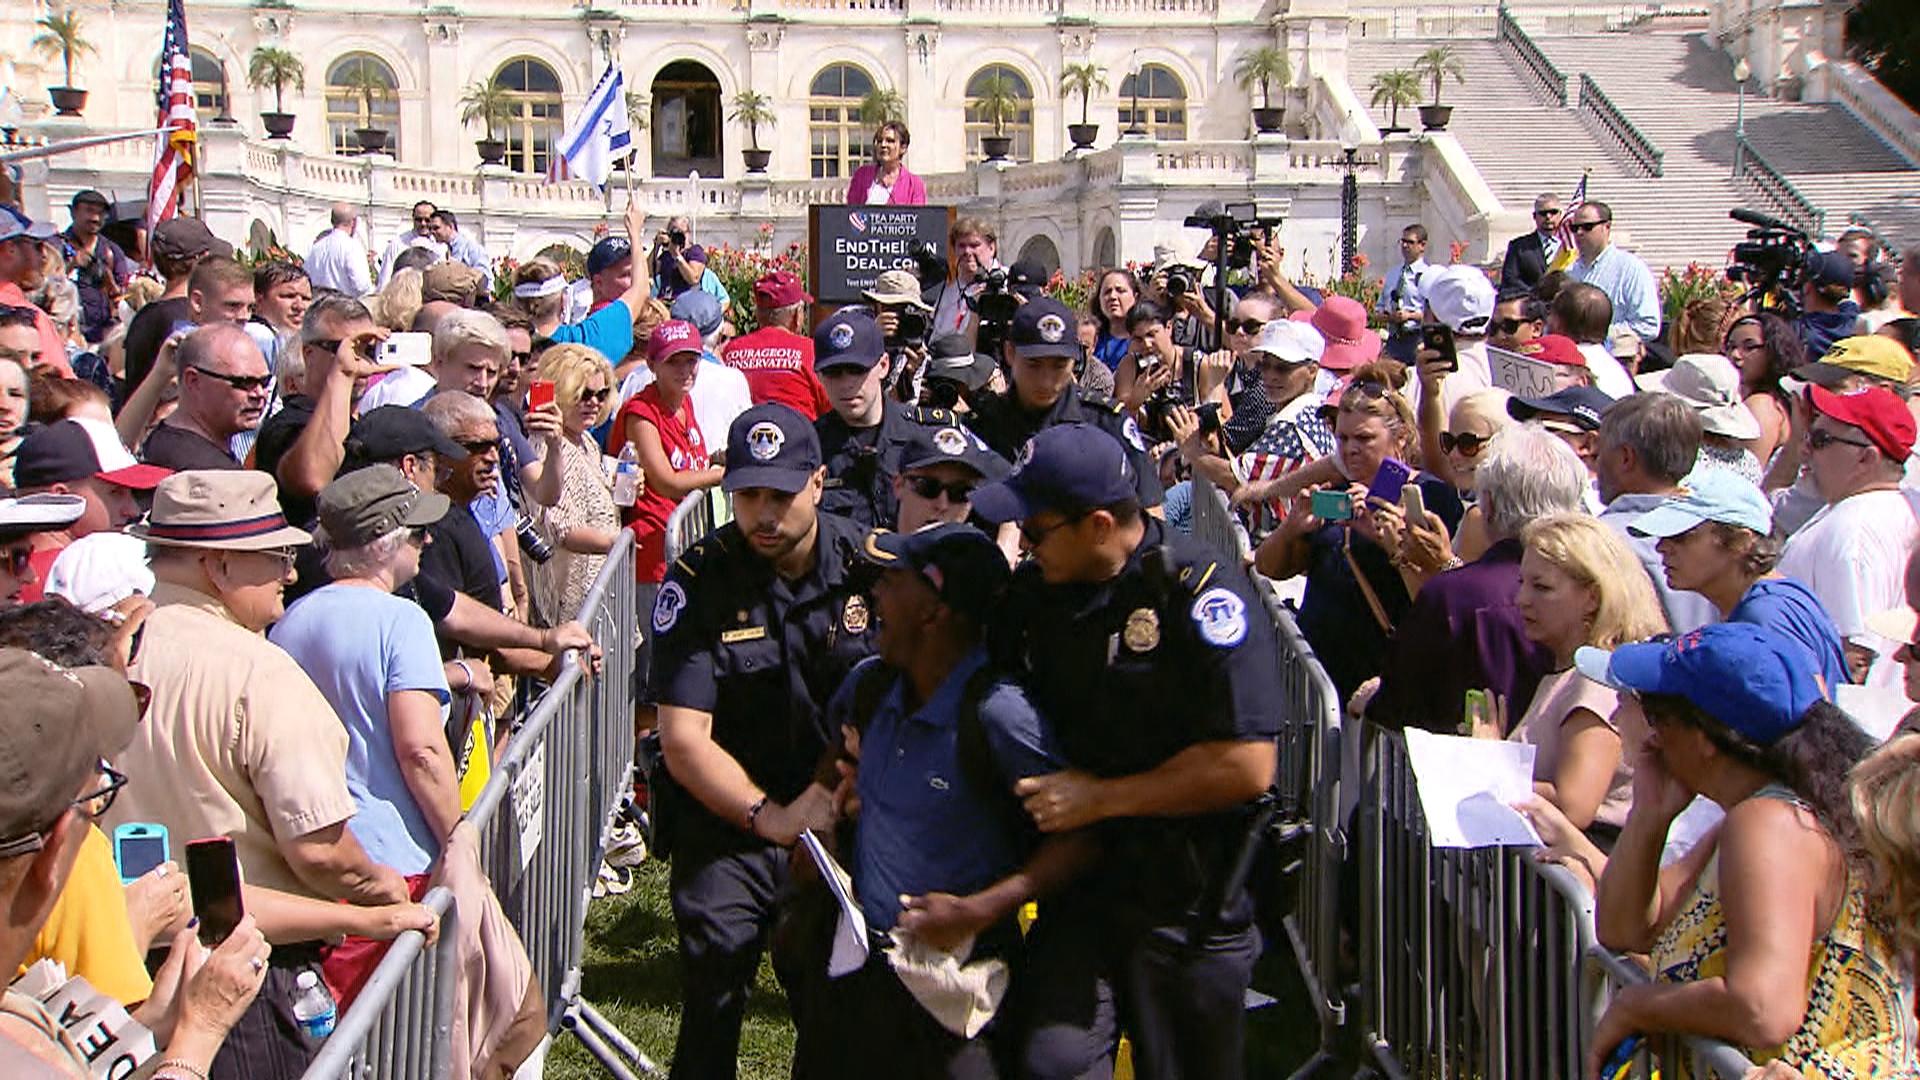 Heckler escorted away from Sarah Palin speech